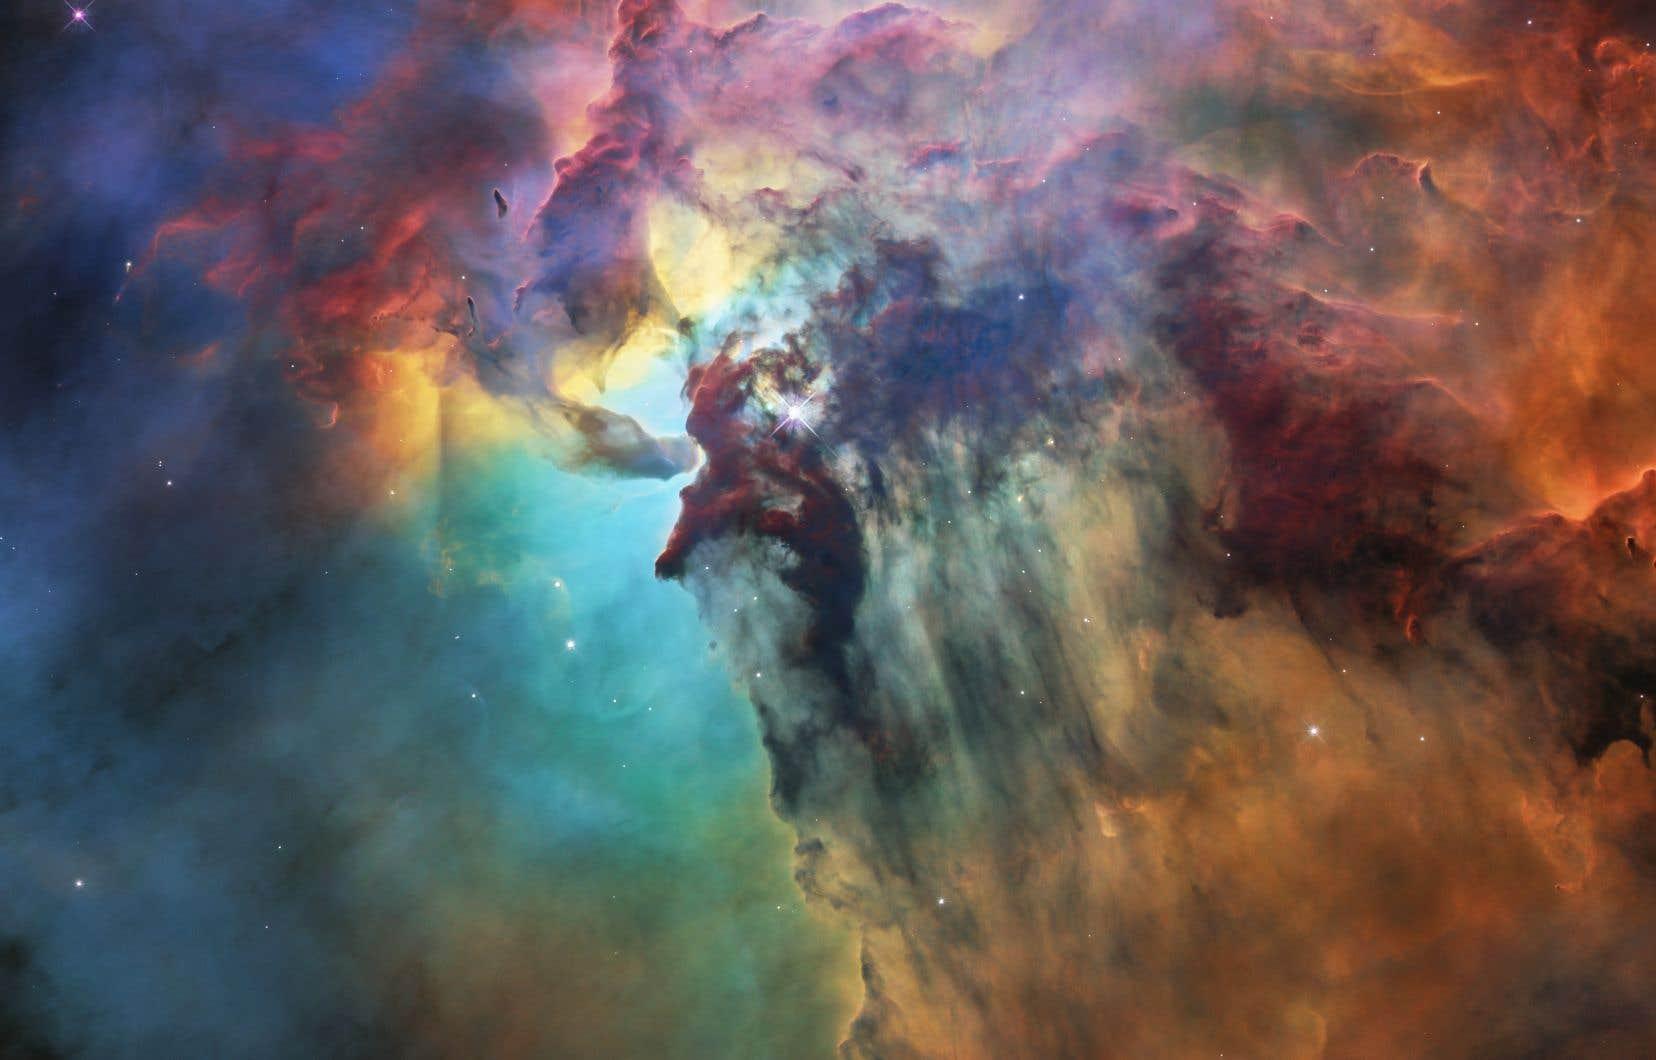 Depuis 28 ans, la caméra a pris de nombreux clichés époustouflants de l'univers qui nous entoure.